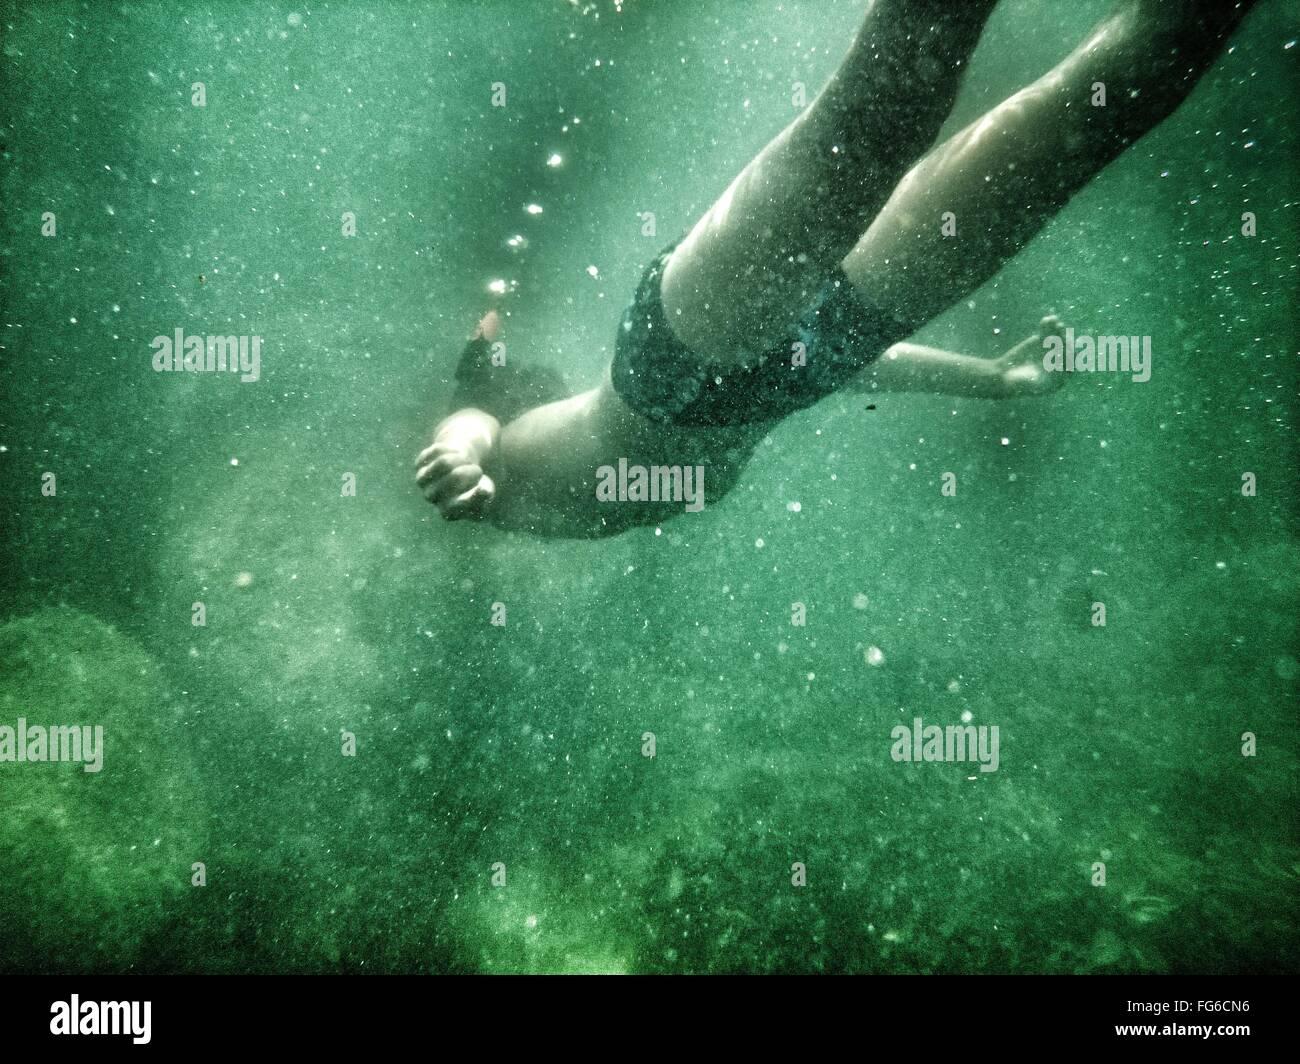 Basso Angolo di visione dell'uomo Nuoto subacqueo Immagini Stock